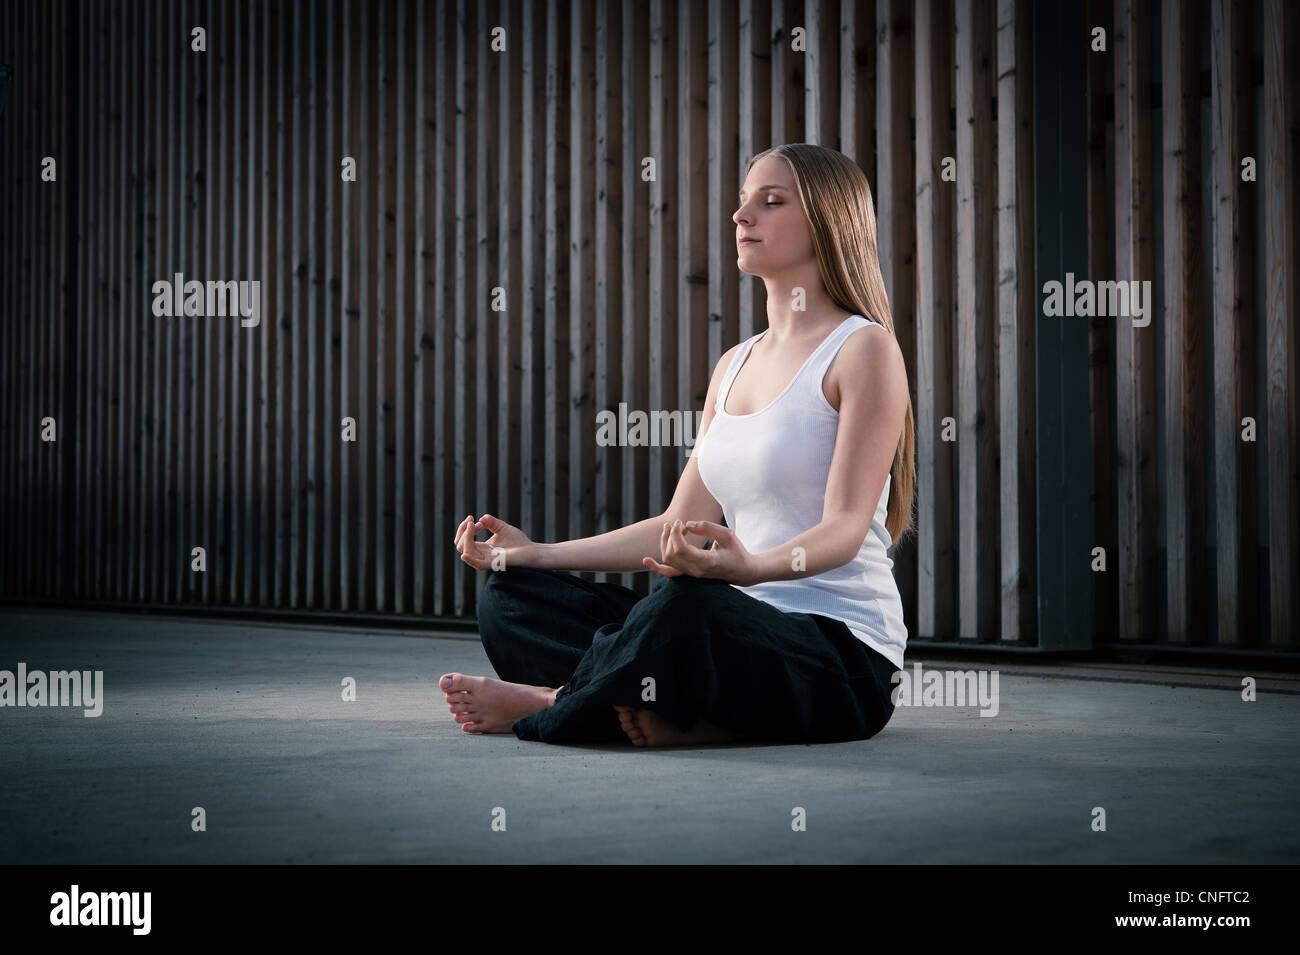 Junge Frau 20-25 sitzen und meditieren Umwelt yoga meditation in einem modernen, kühl, outdoor-Umgebung Stockbild